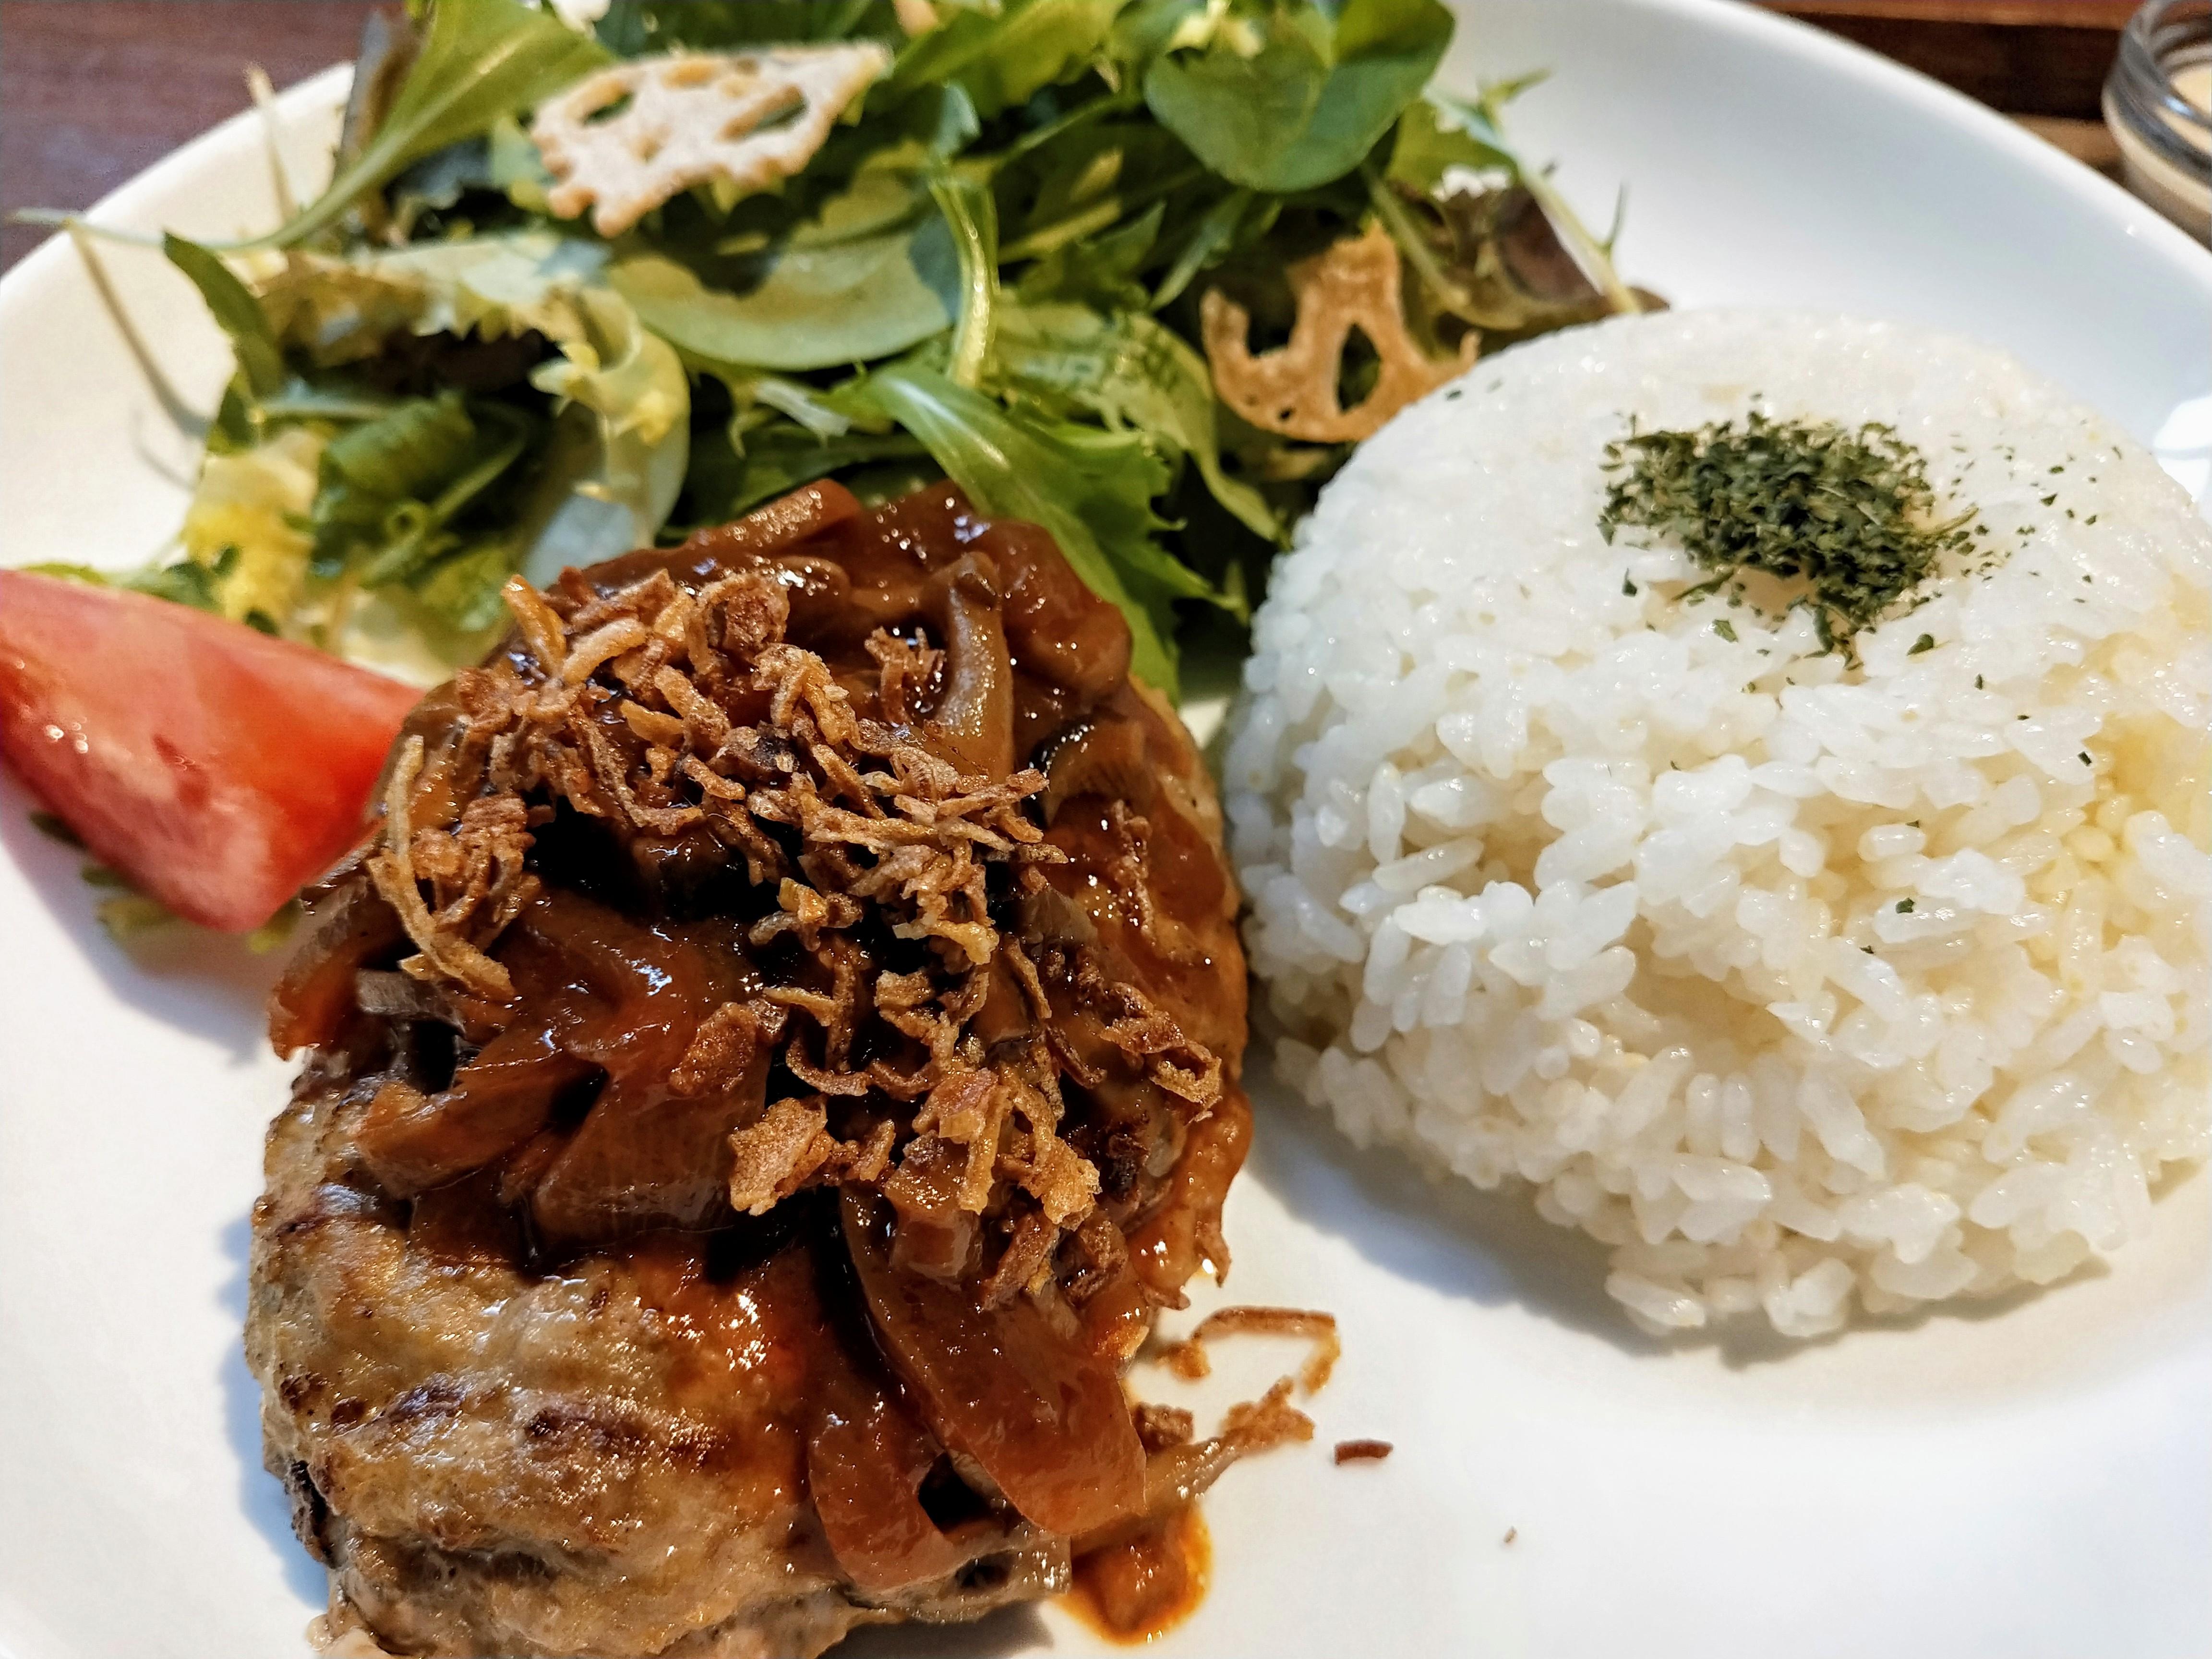 【新規オープン】西予市にできたスペシャルティコーヒーの「yu-no-ma coffee」で「ランチメニュー」を食べてきたよ!